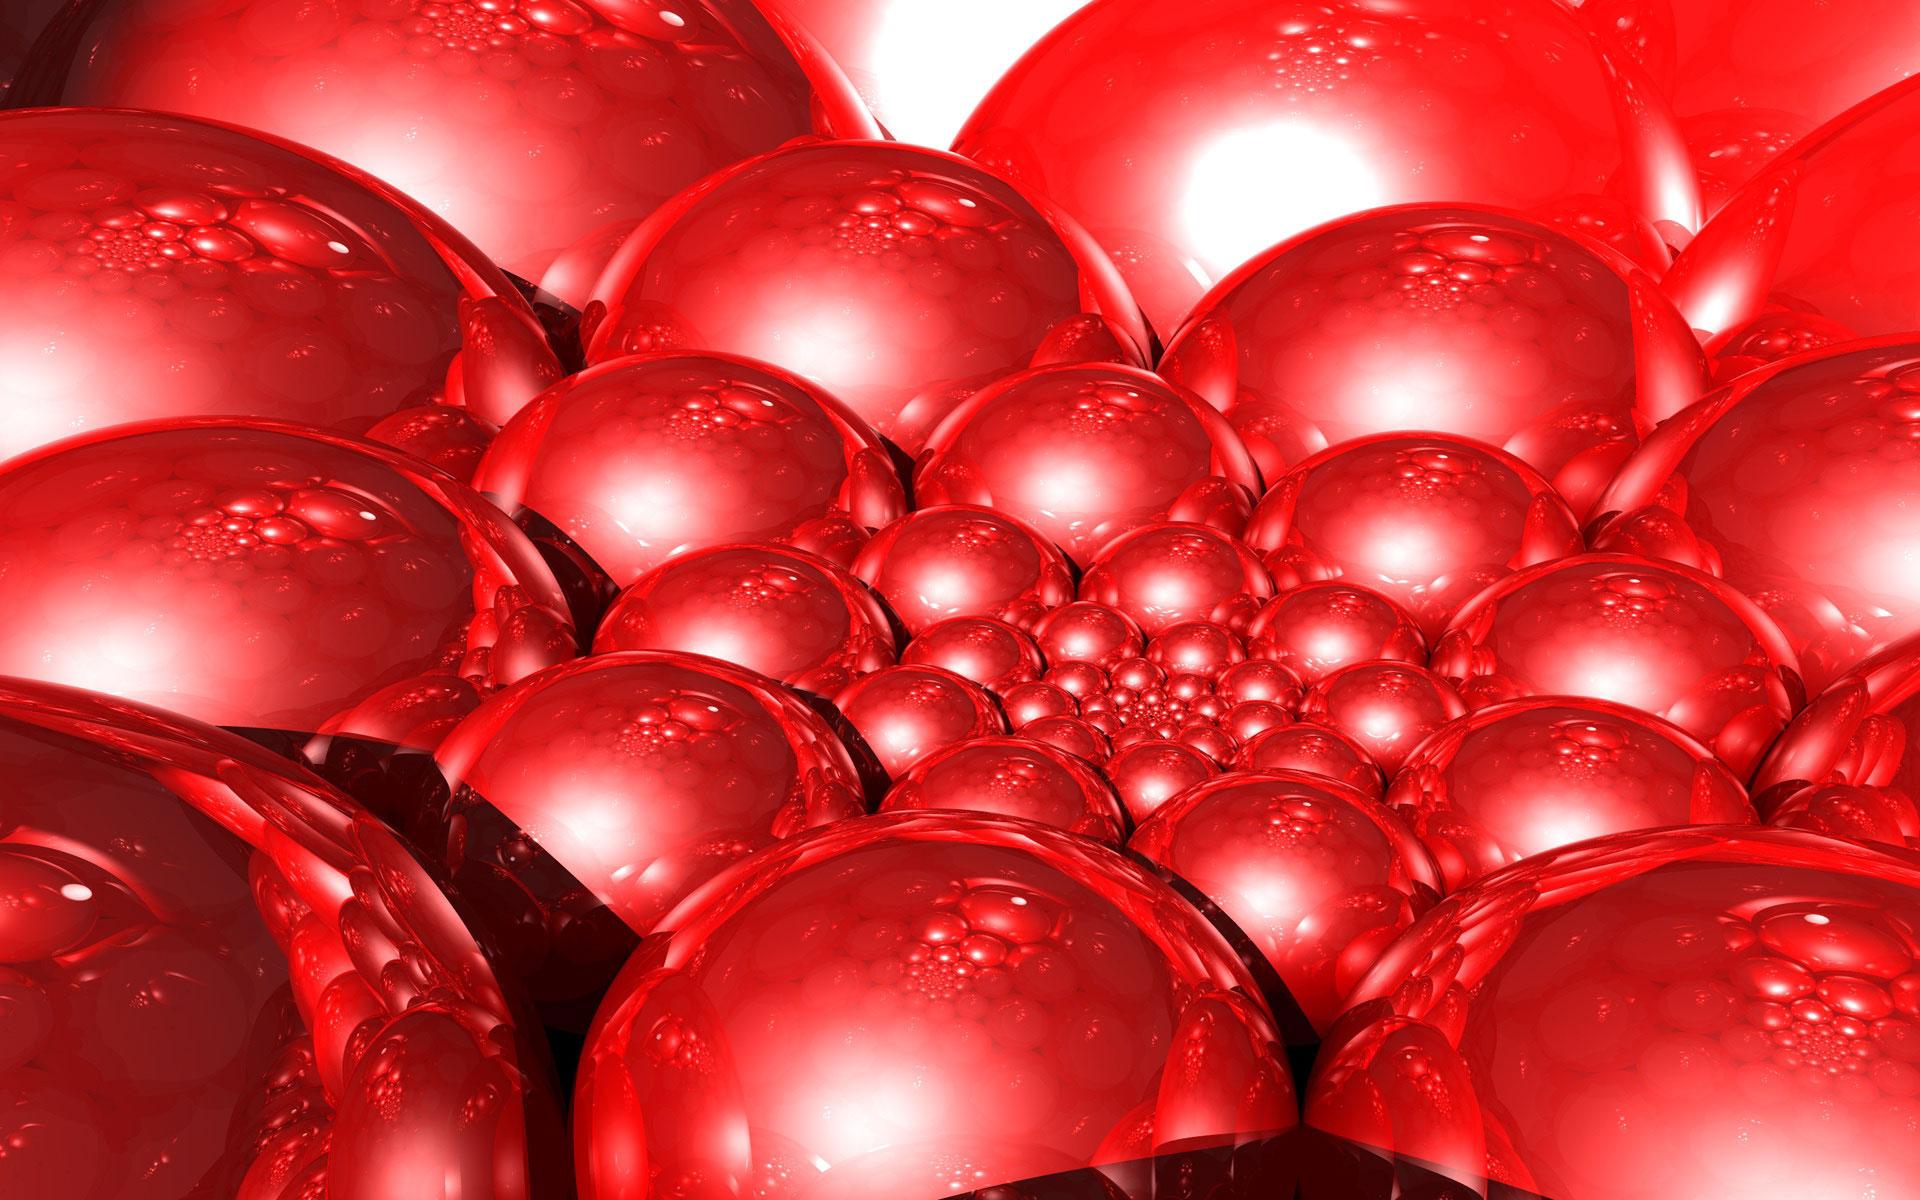 fde65b506db Широкоформатные обои Кроваво-красные шары